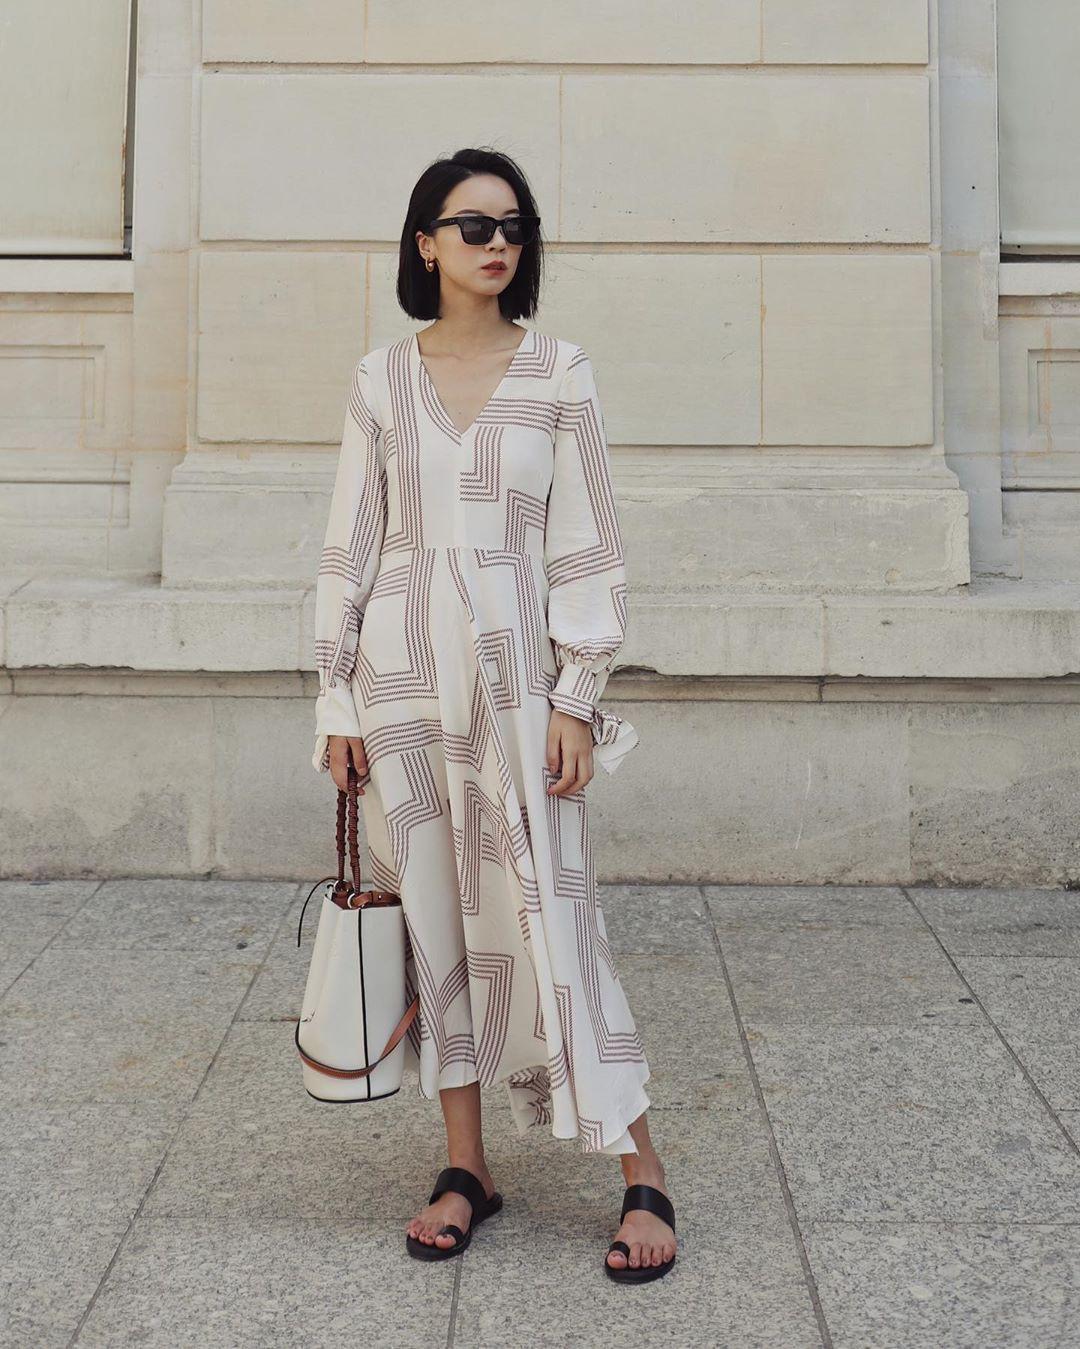 Không kiểu váy nào vượt qua được váy dáng dài về độ sang chảnh, yêu kiều và hợp rơ với tiết trời se lạnh-7